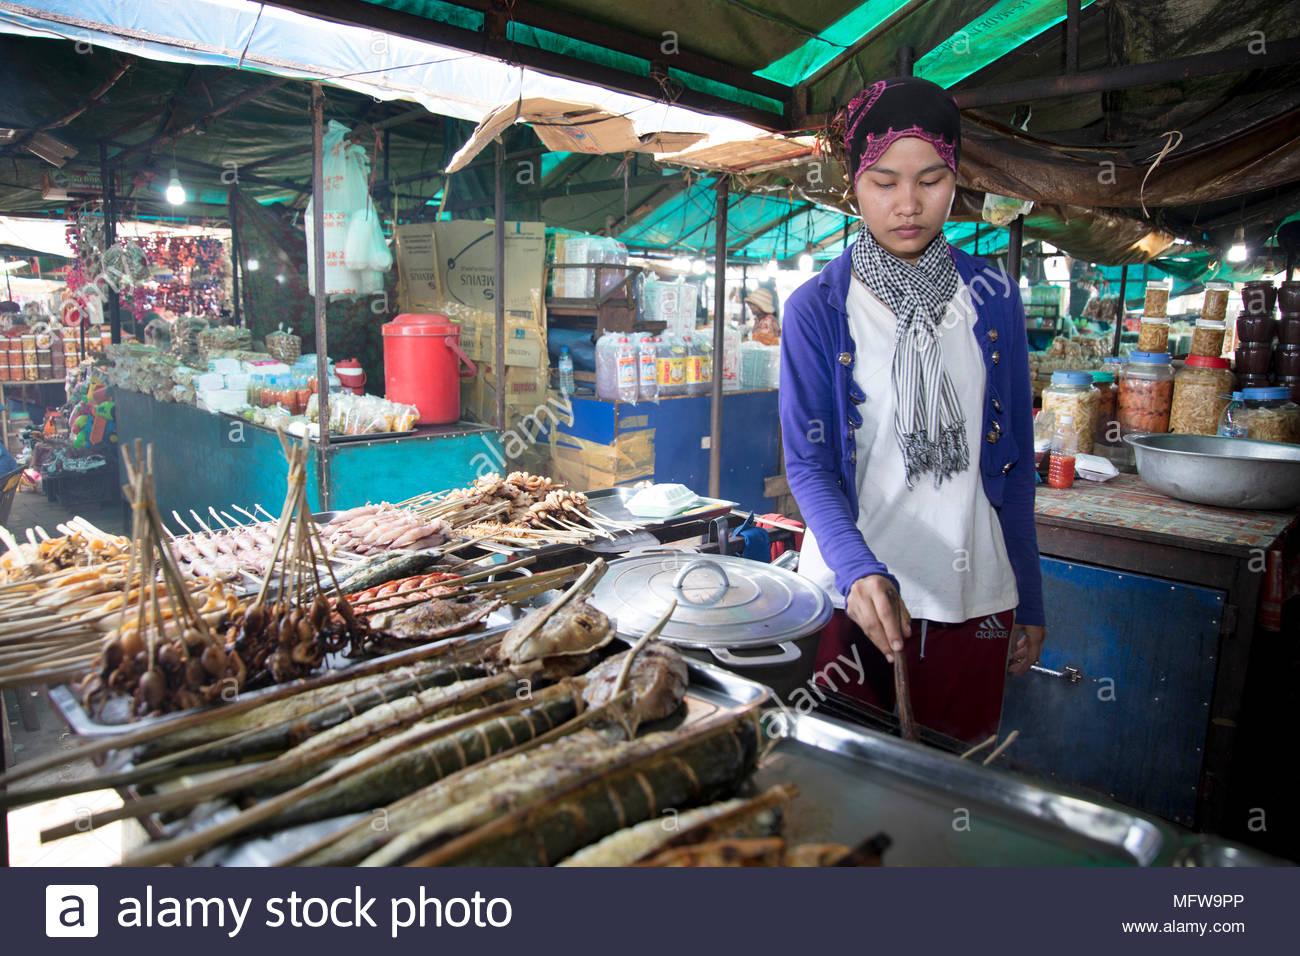 Joven Mujer Cham asar pescado en un puesto en el mercado de cangrejo en Kep village, Camboya Imagen De Stock